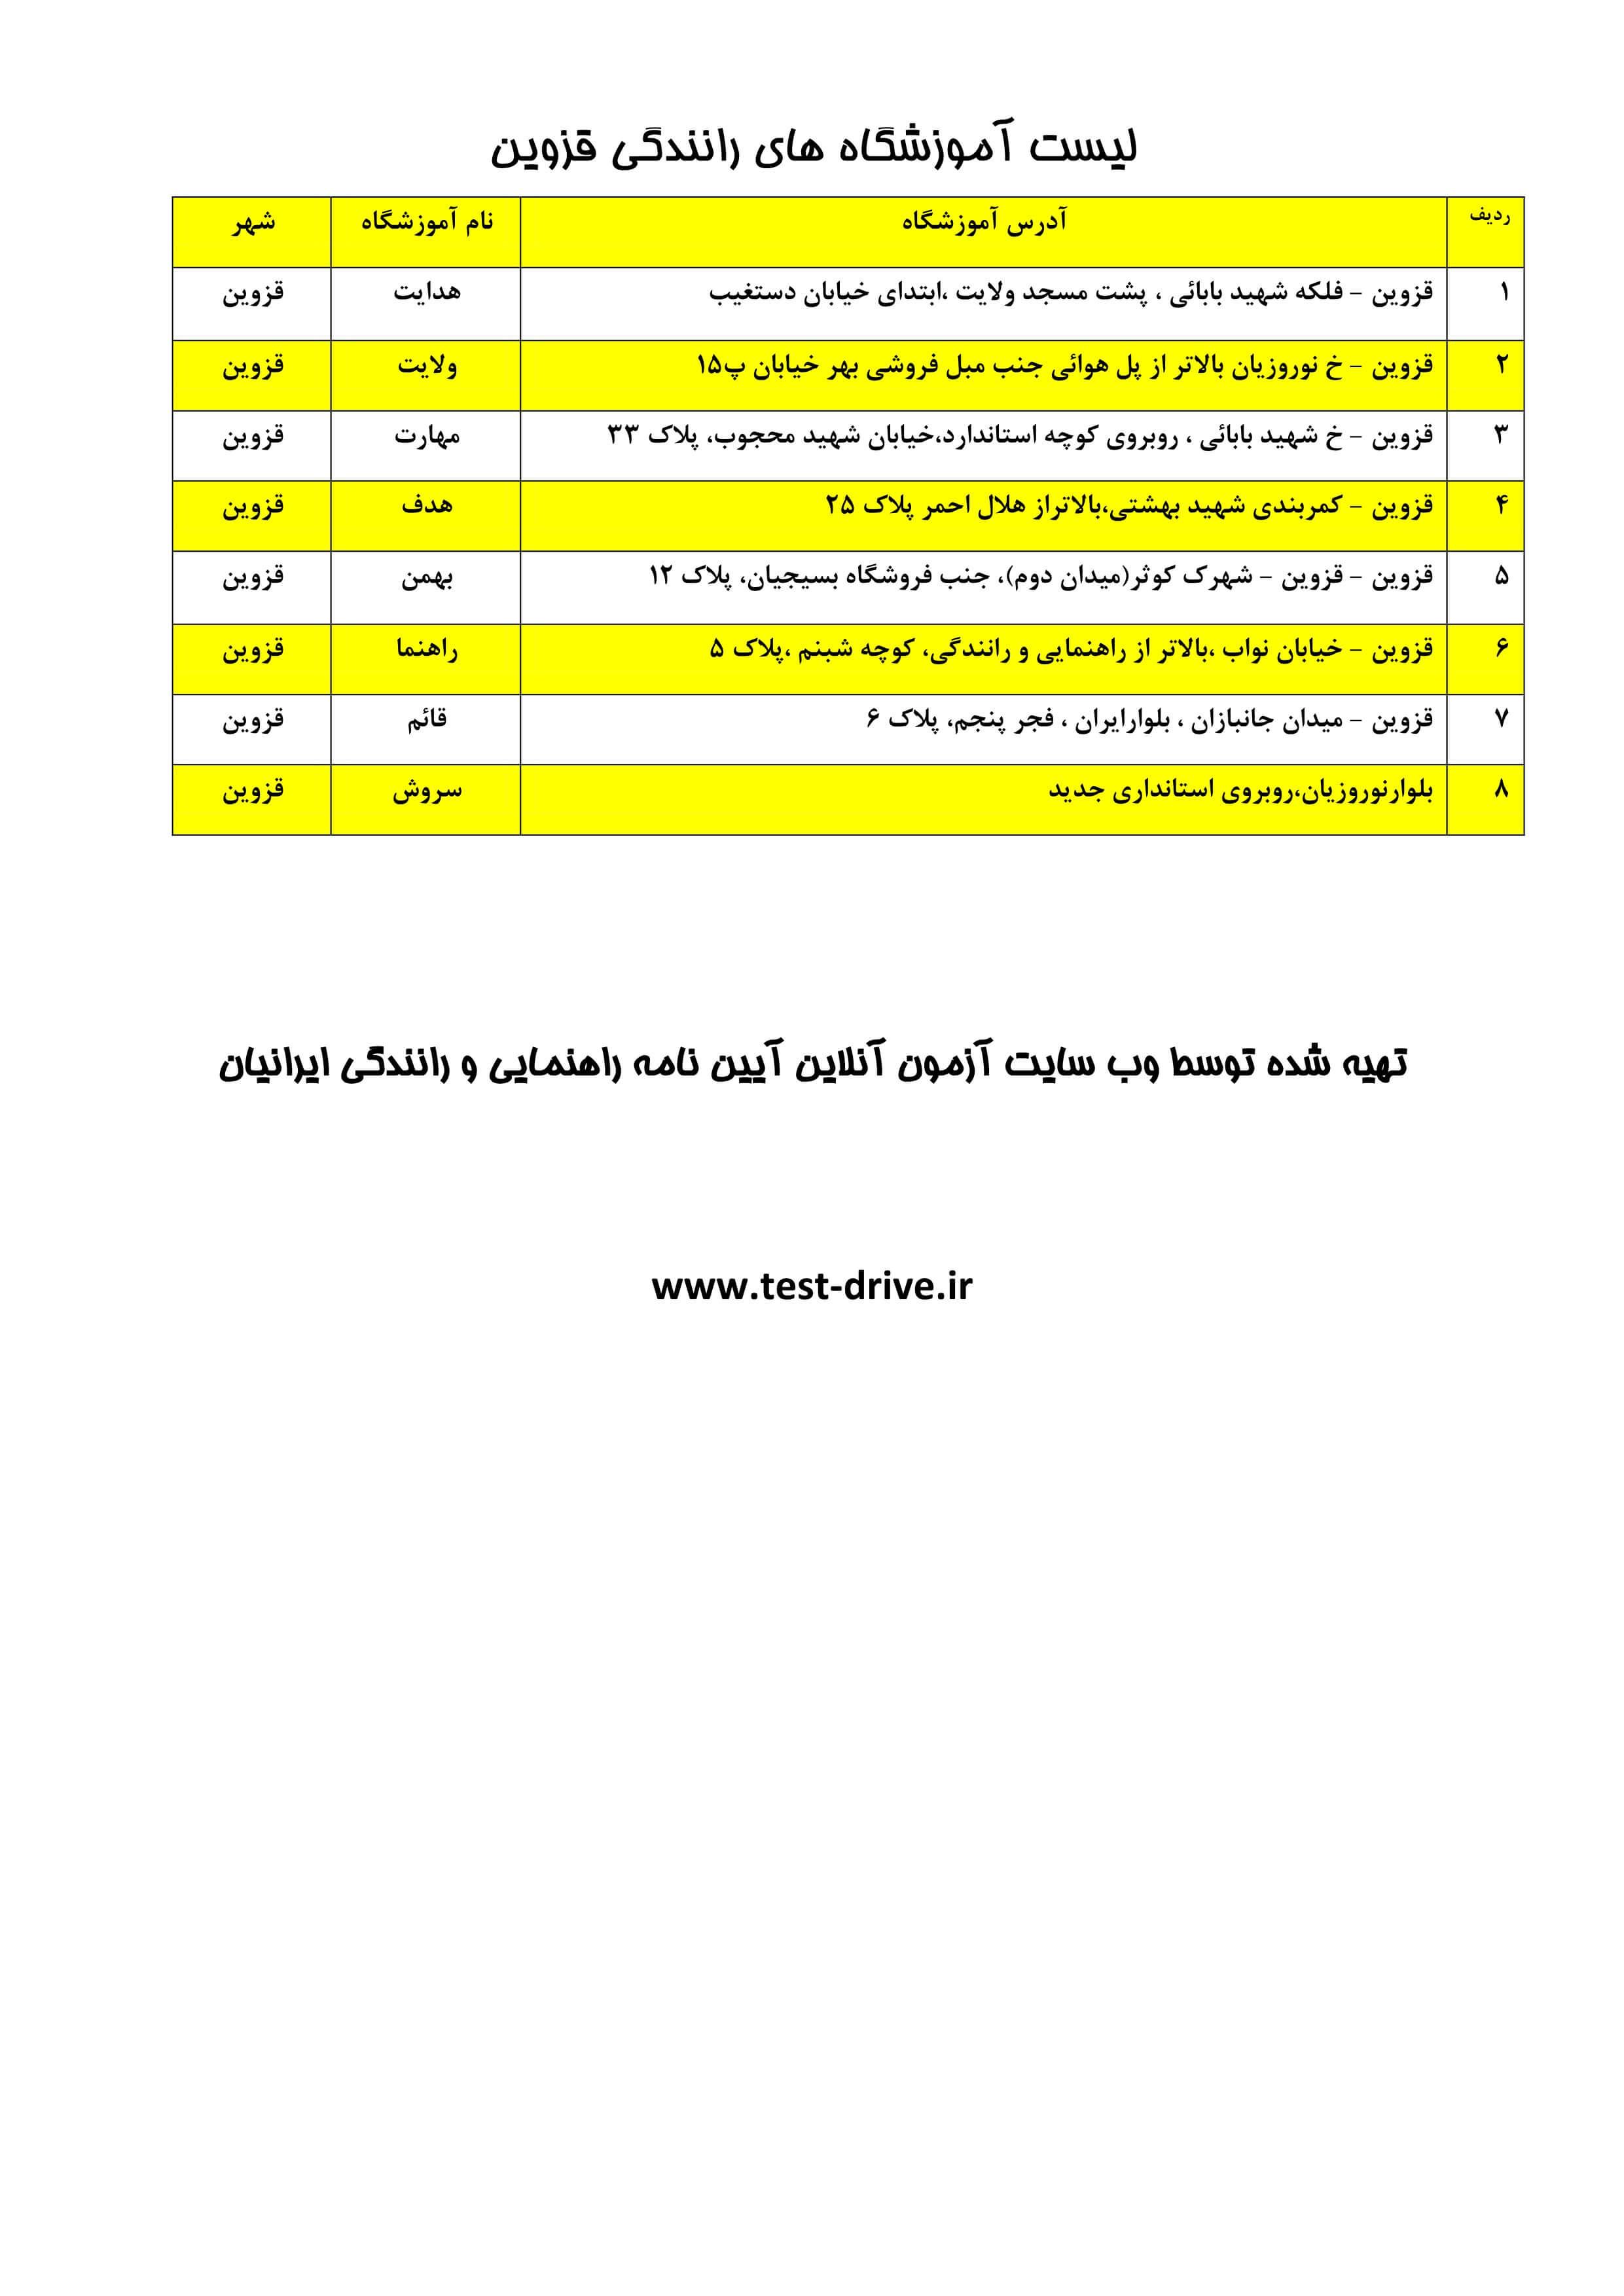 آموزشگاه های رانندگی قزوین